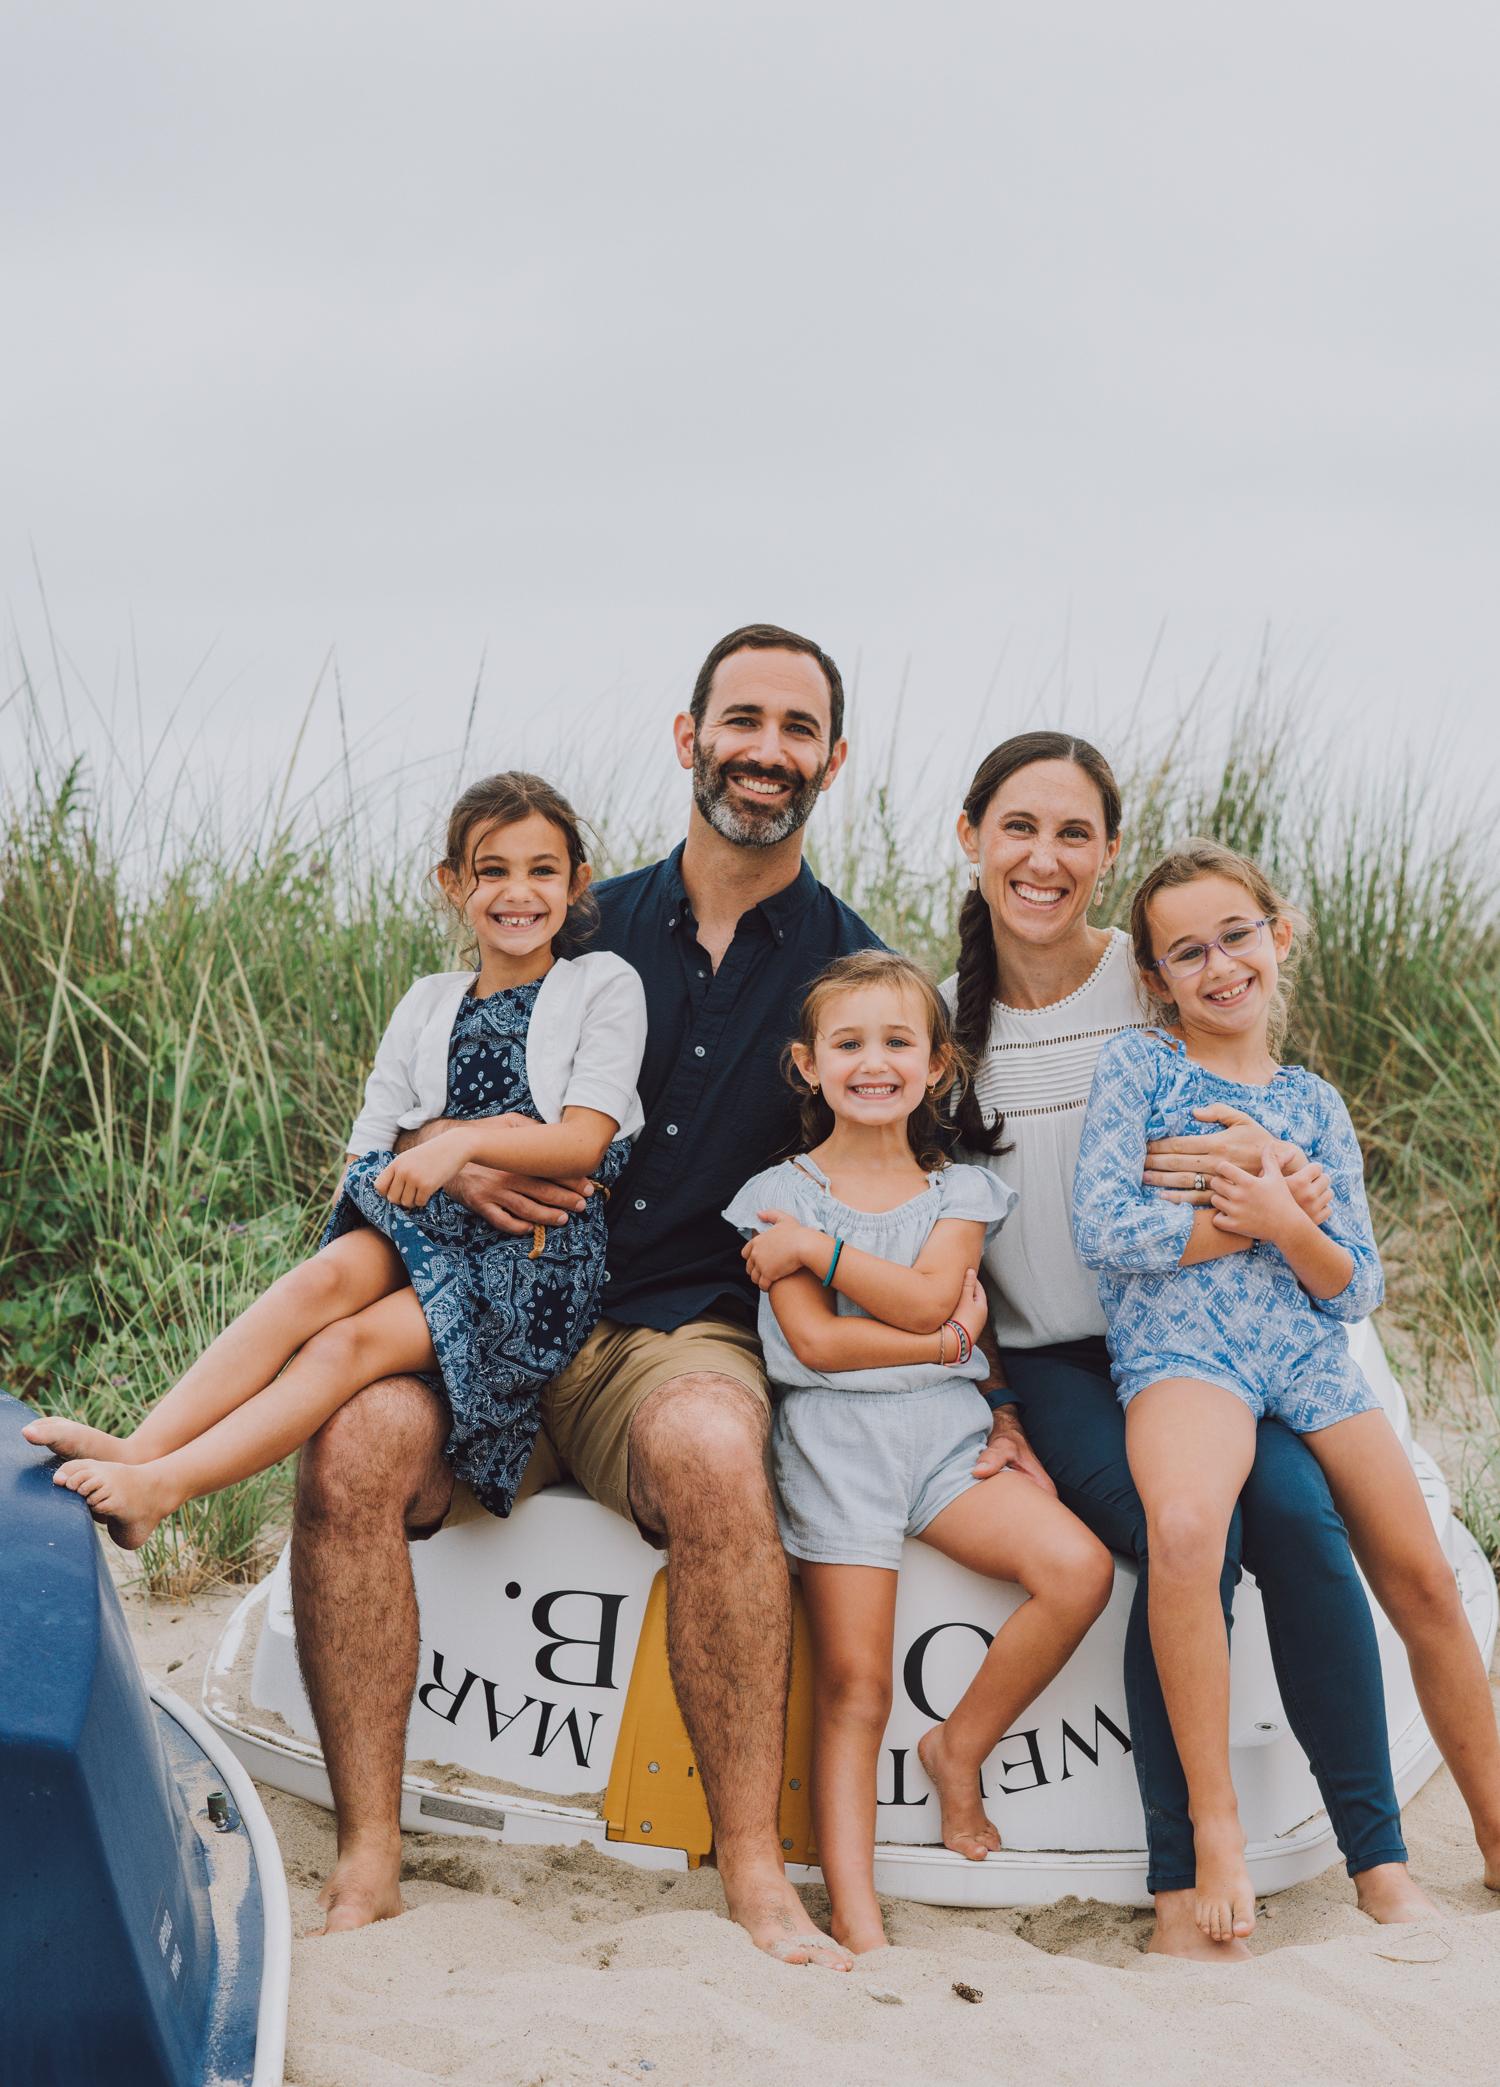 family_portrait_session_marthas_vineyard_photographer-7.jpg